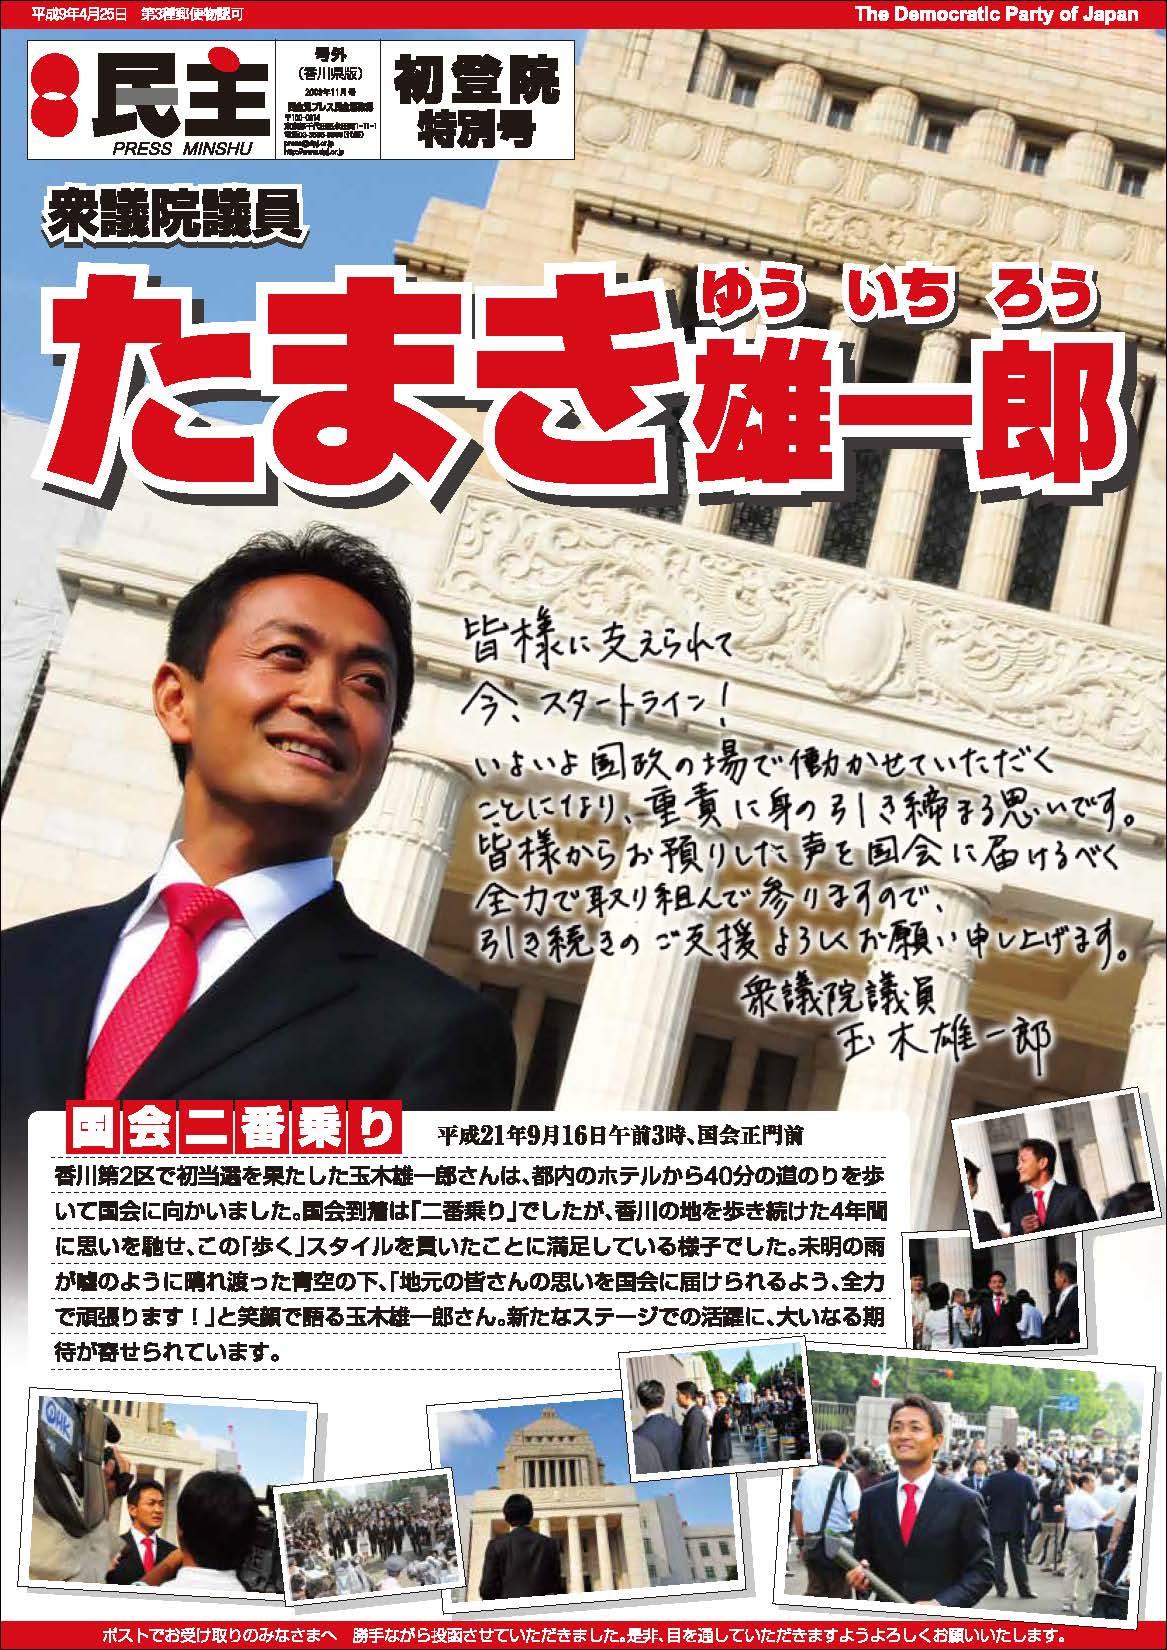 2009/10/01発行 プレス民主